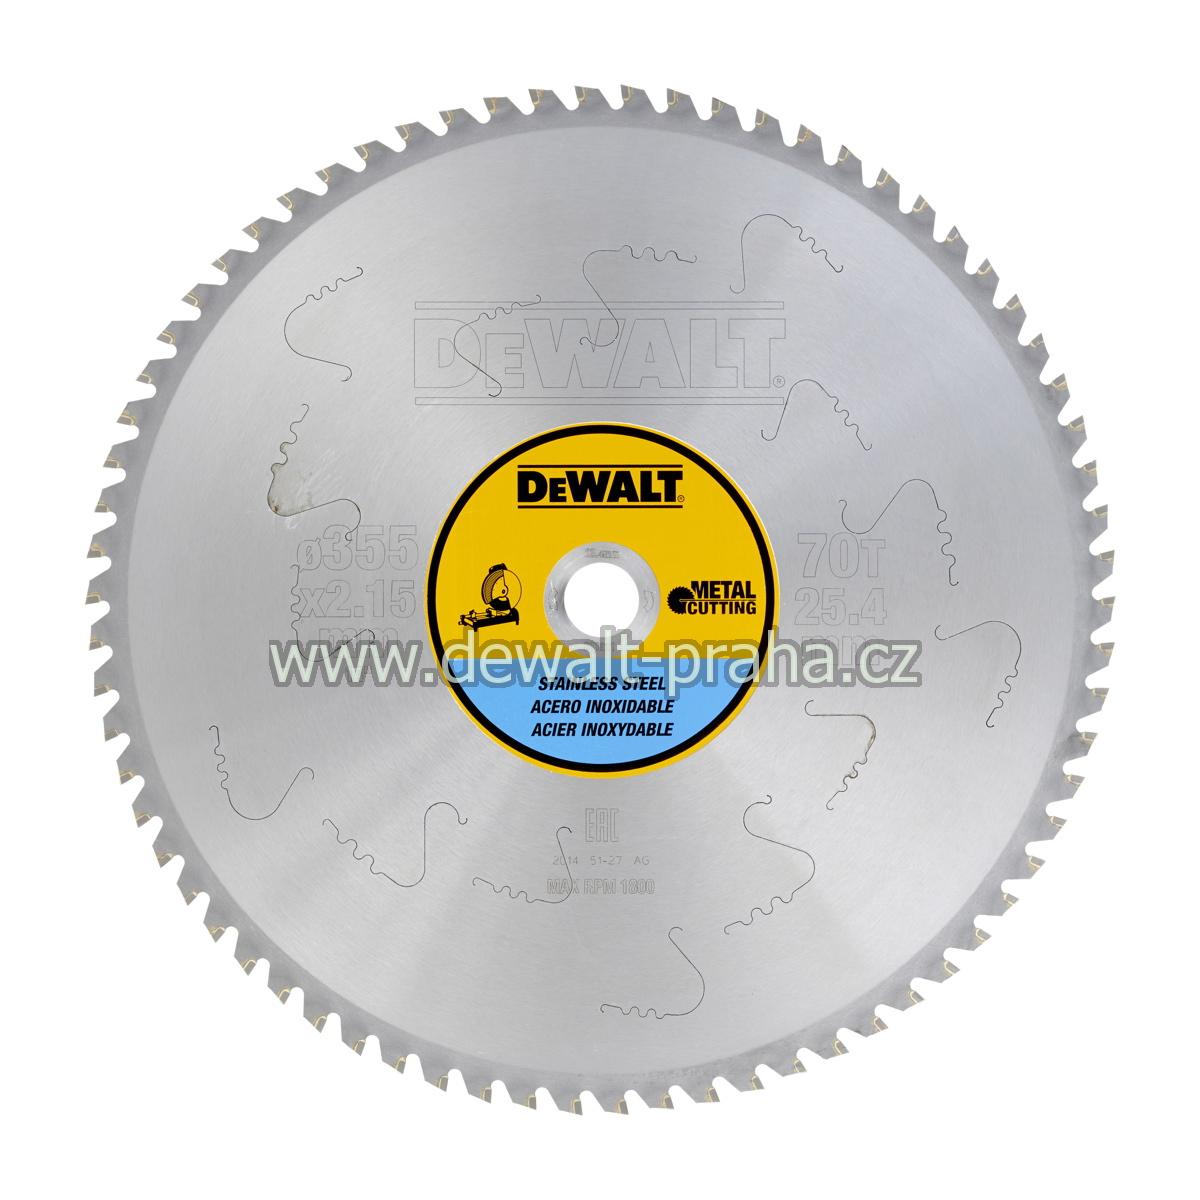 DT1921 DeWALT Pilový kotouč 355 x 25,4 mm na nerez ocel, 70 zubů